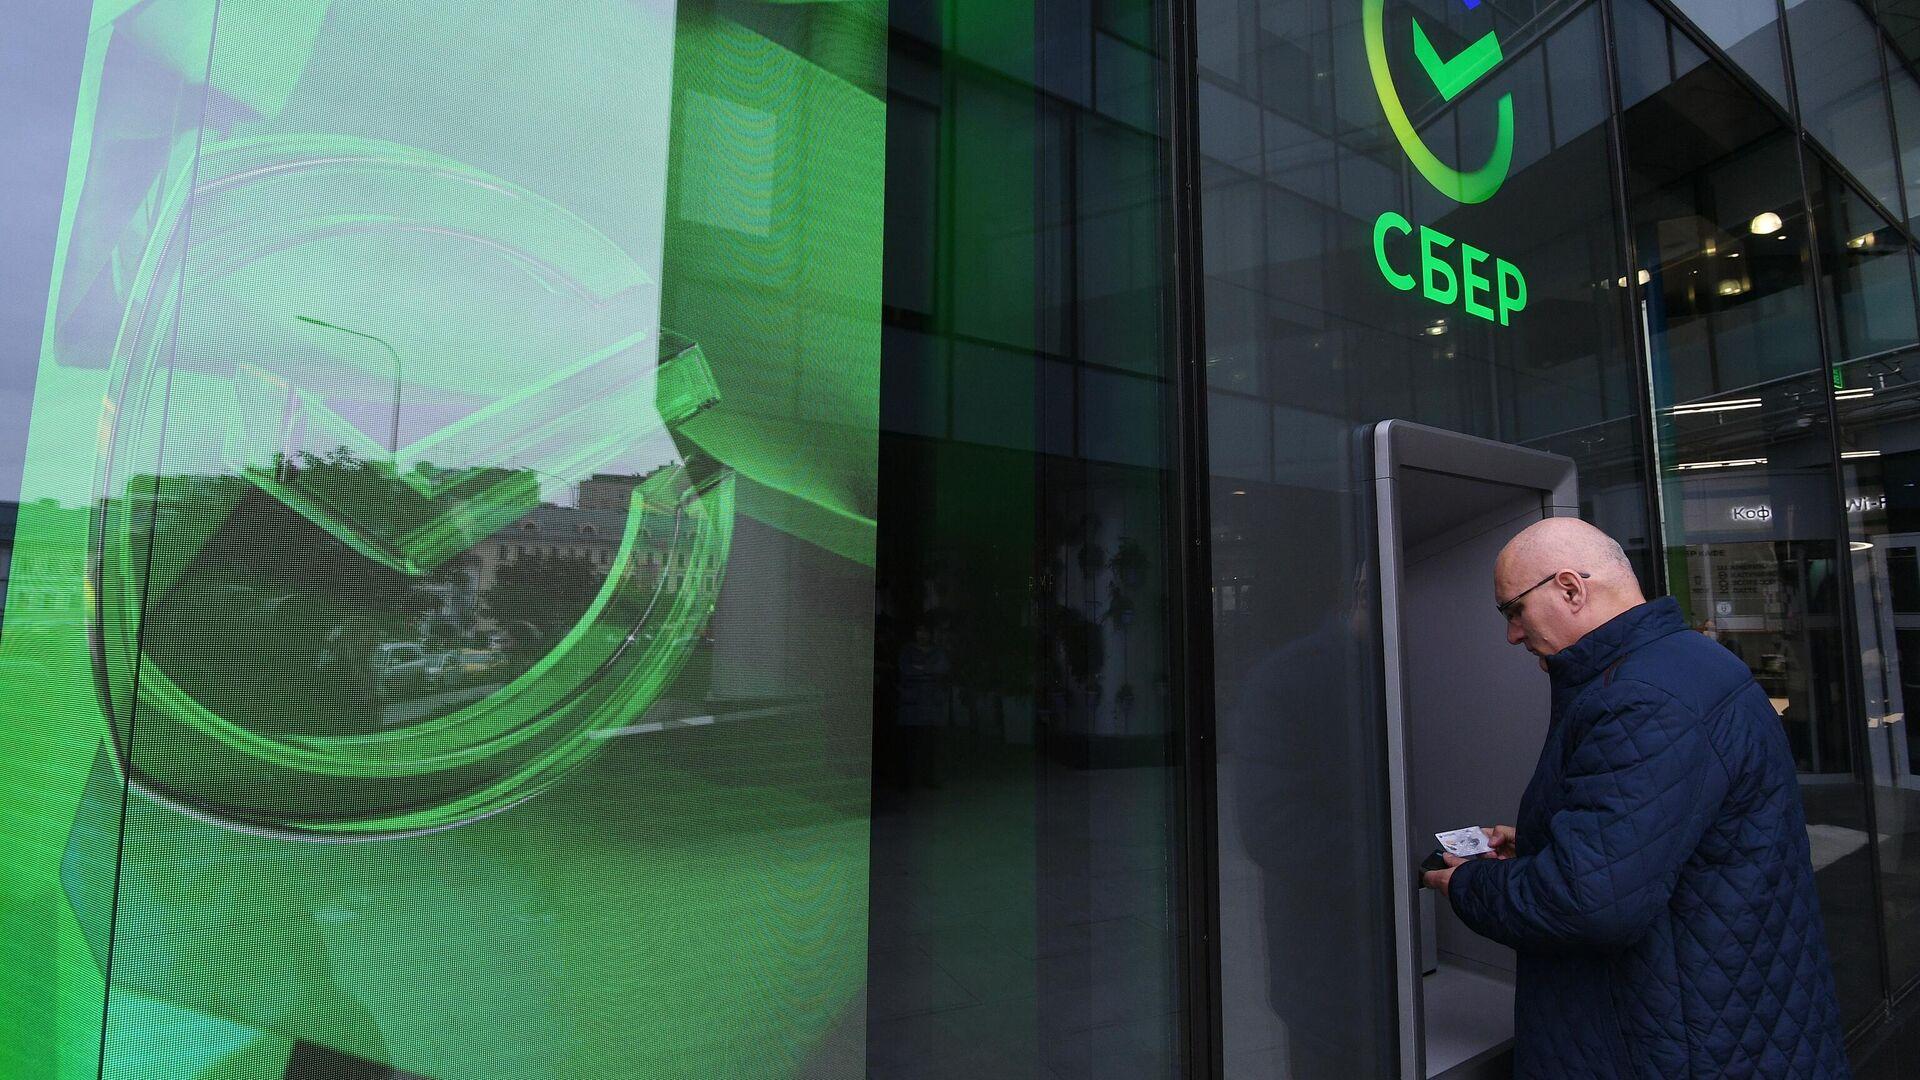 Первый офис Сбербанка в новом формате, открывшийся на Цветном бульваре в Москве - РИА Новости, 1920, 15.02.2021